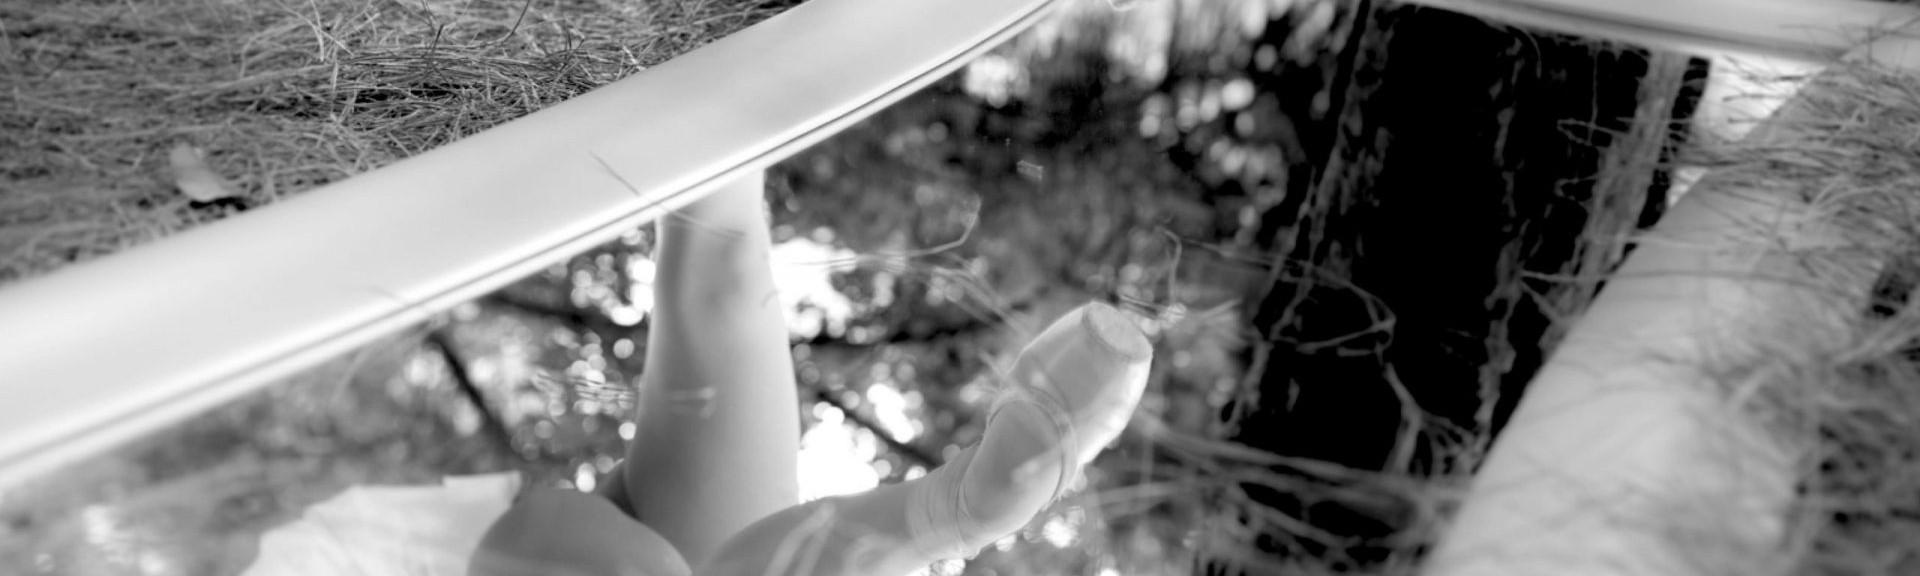 Foto de unos pies de una bailarina del Centro de Danza Sandra Santa Cruz, con unas zapatillas de puntas haciendo un attitude delante, que se reflejan en un espejo acostado en el suelo de un campo lleno de piñocha. En el espejo se puede apreciar que lleva puesto un tutú de plato y el tronco de árbol enorme.